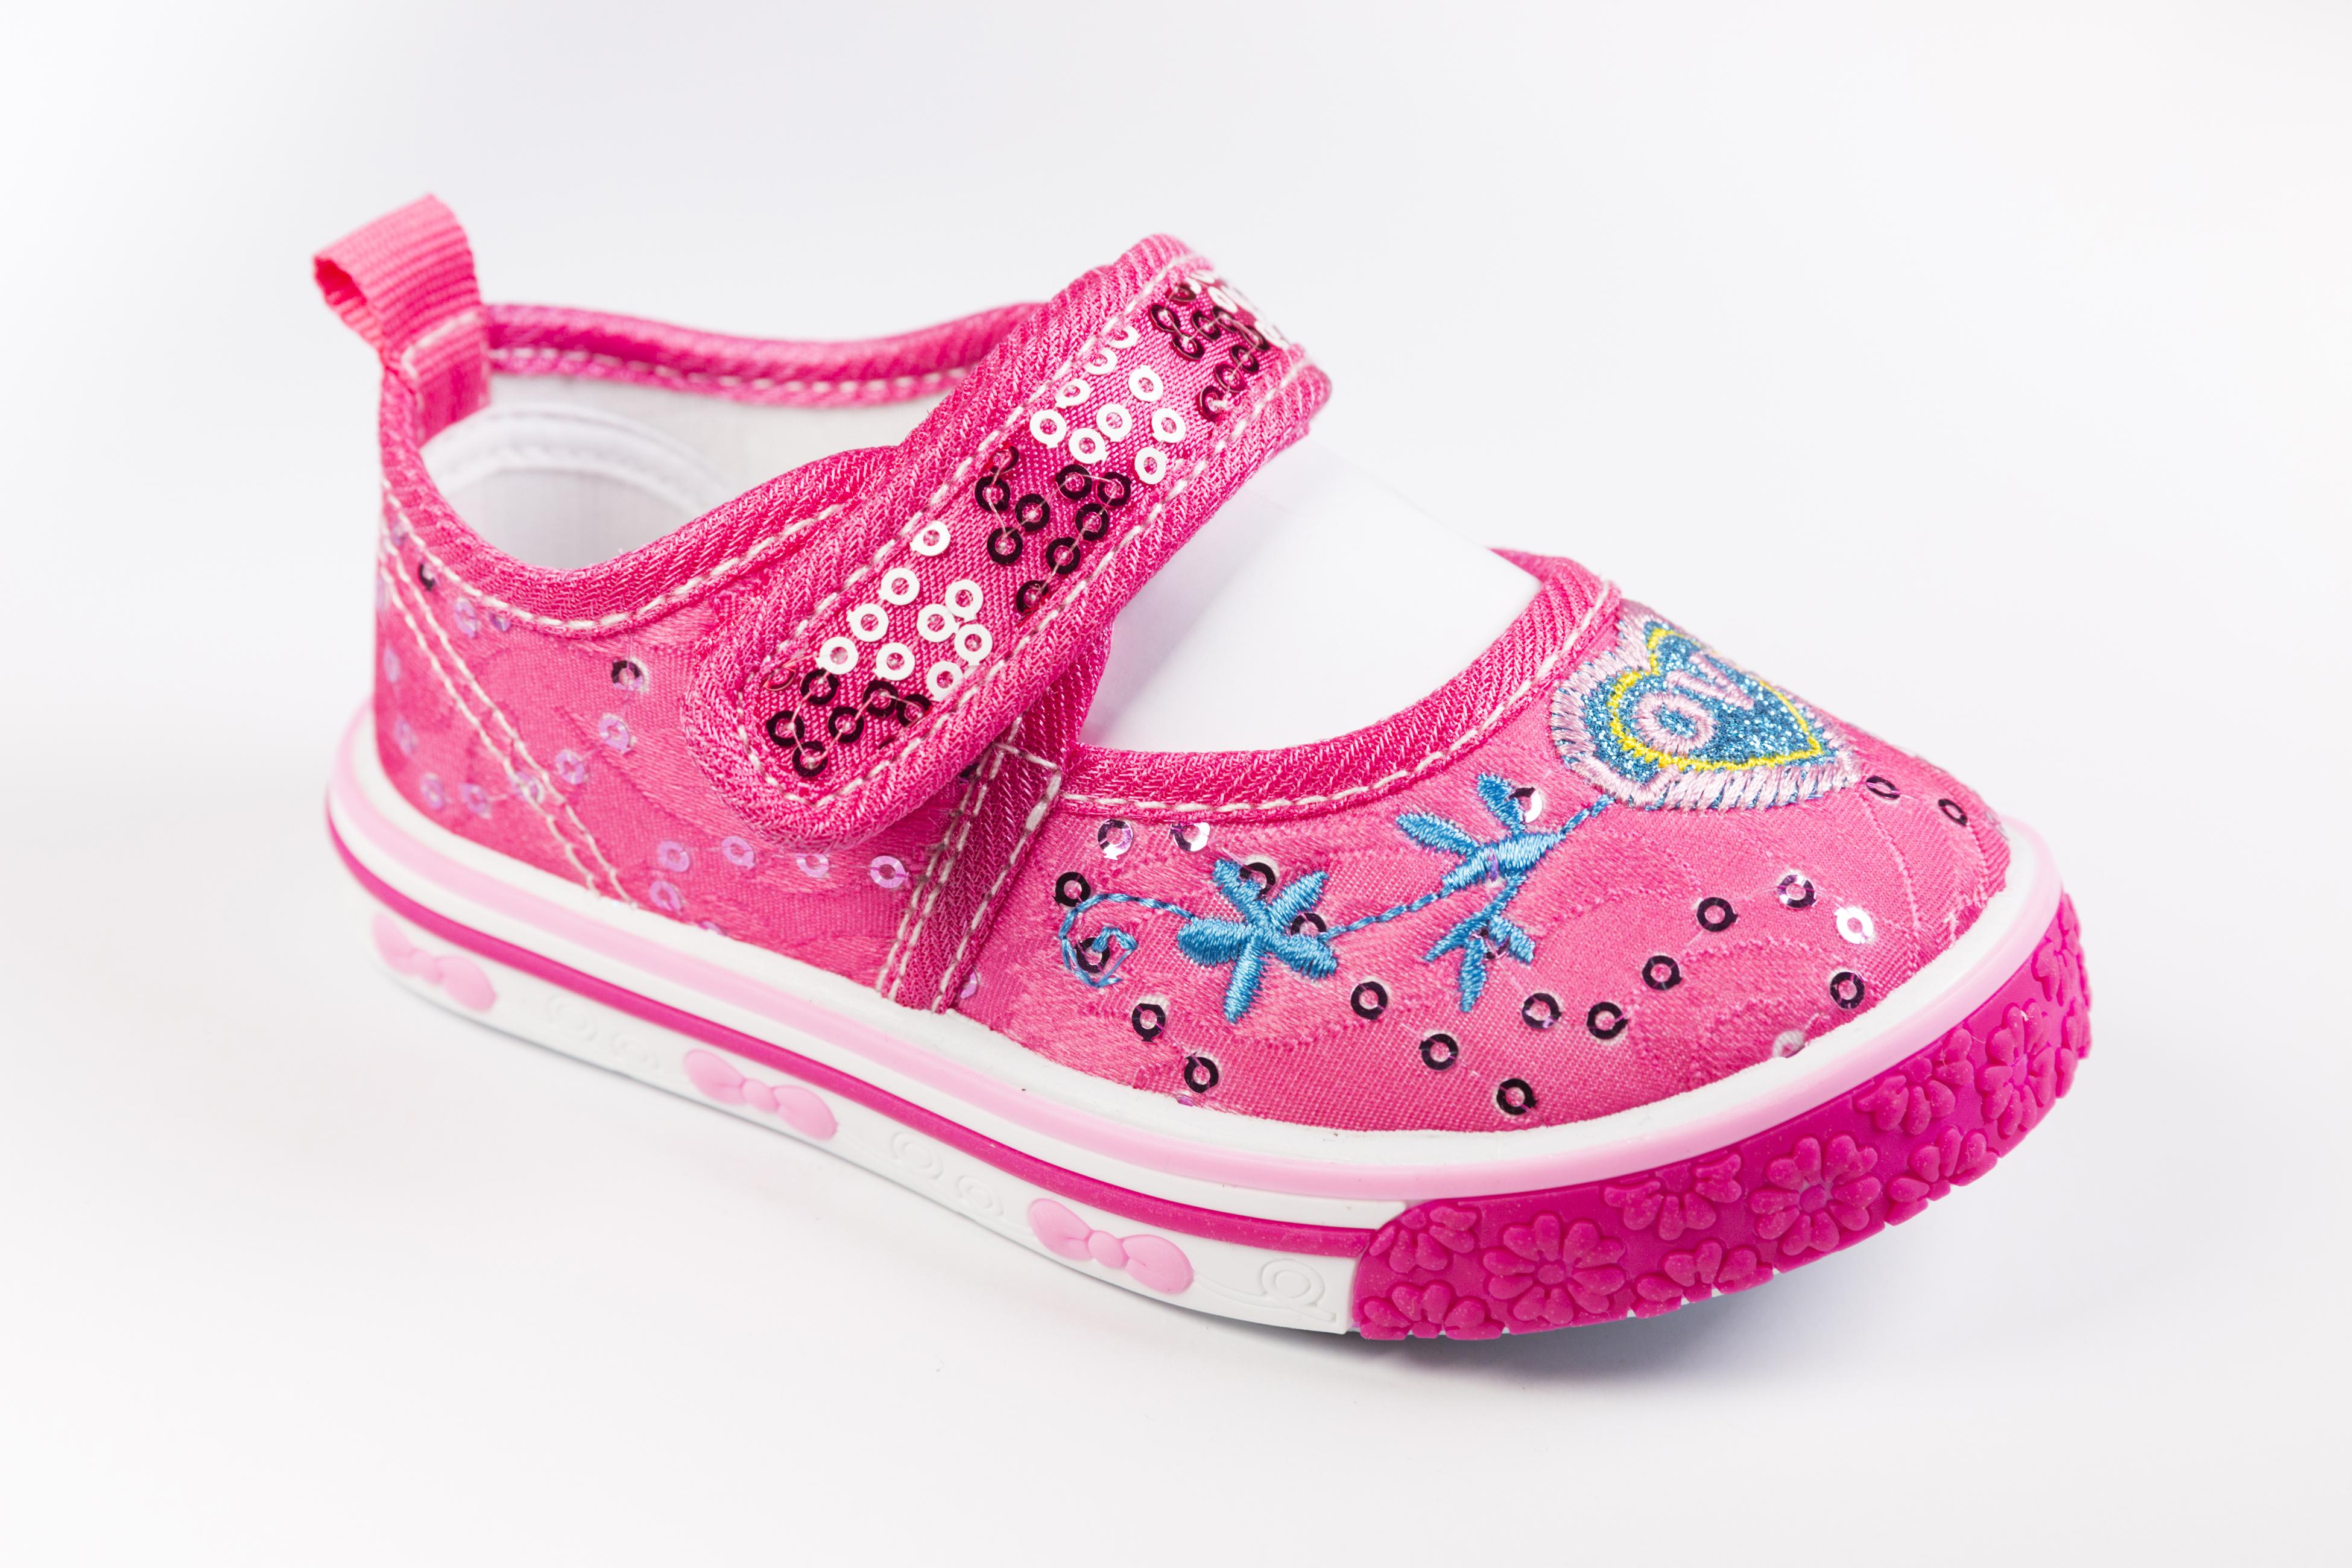 佛山低帮帆布鞋价格_佛山低帮帆布鞋批发_佛山低帮帆布鞋供货商